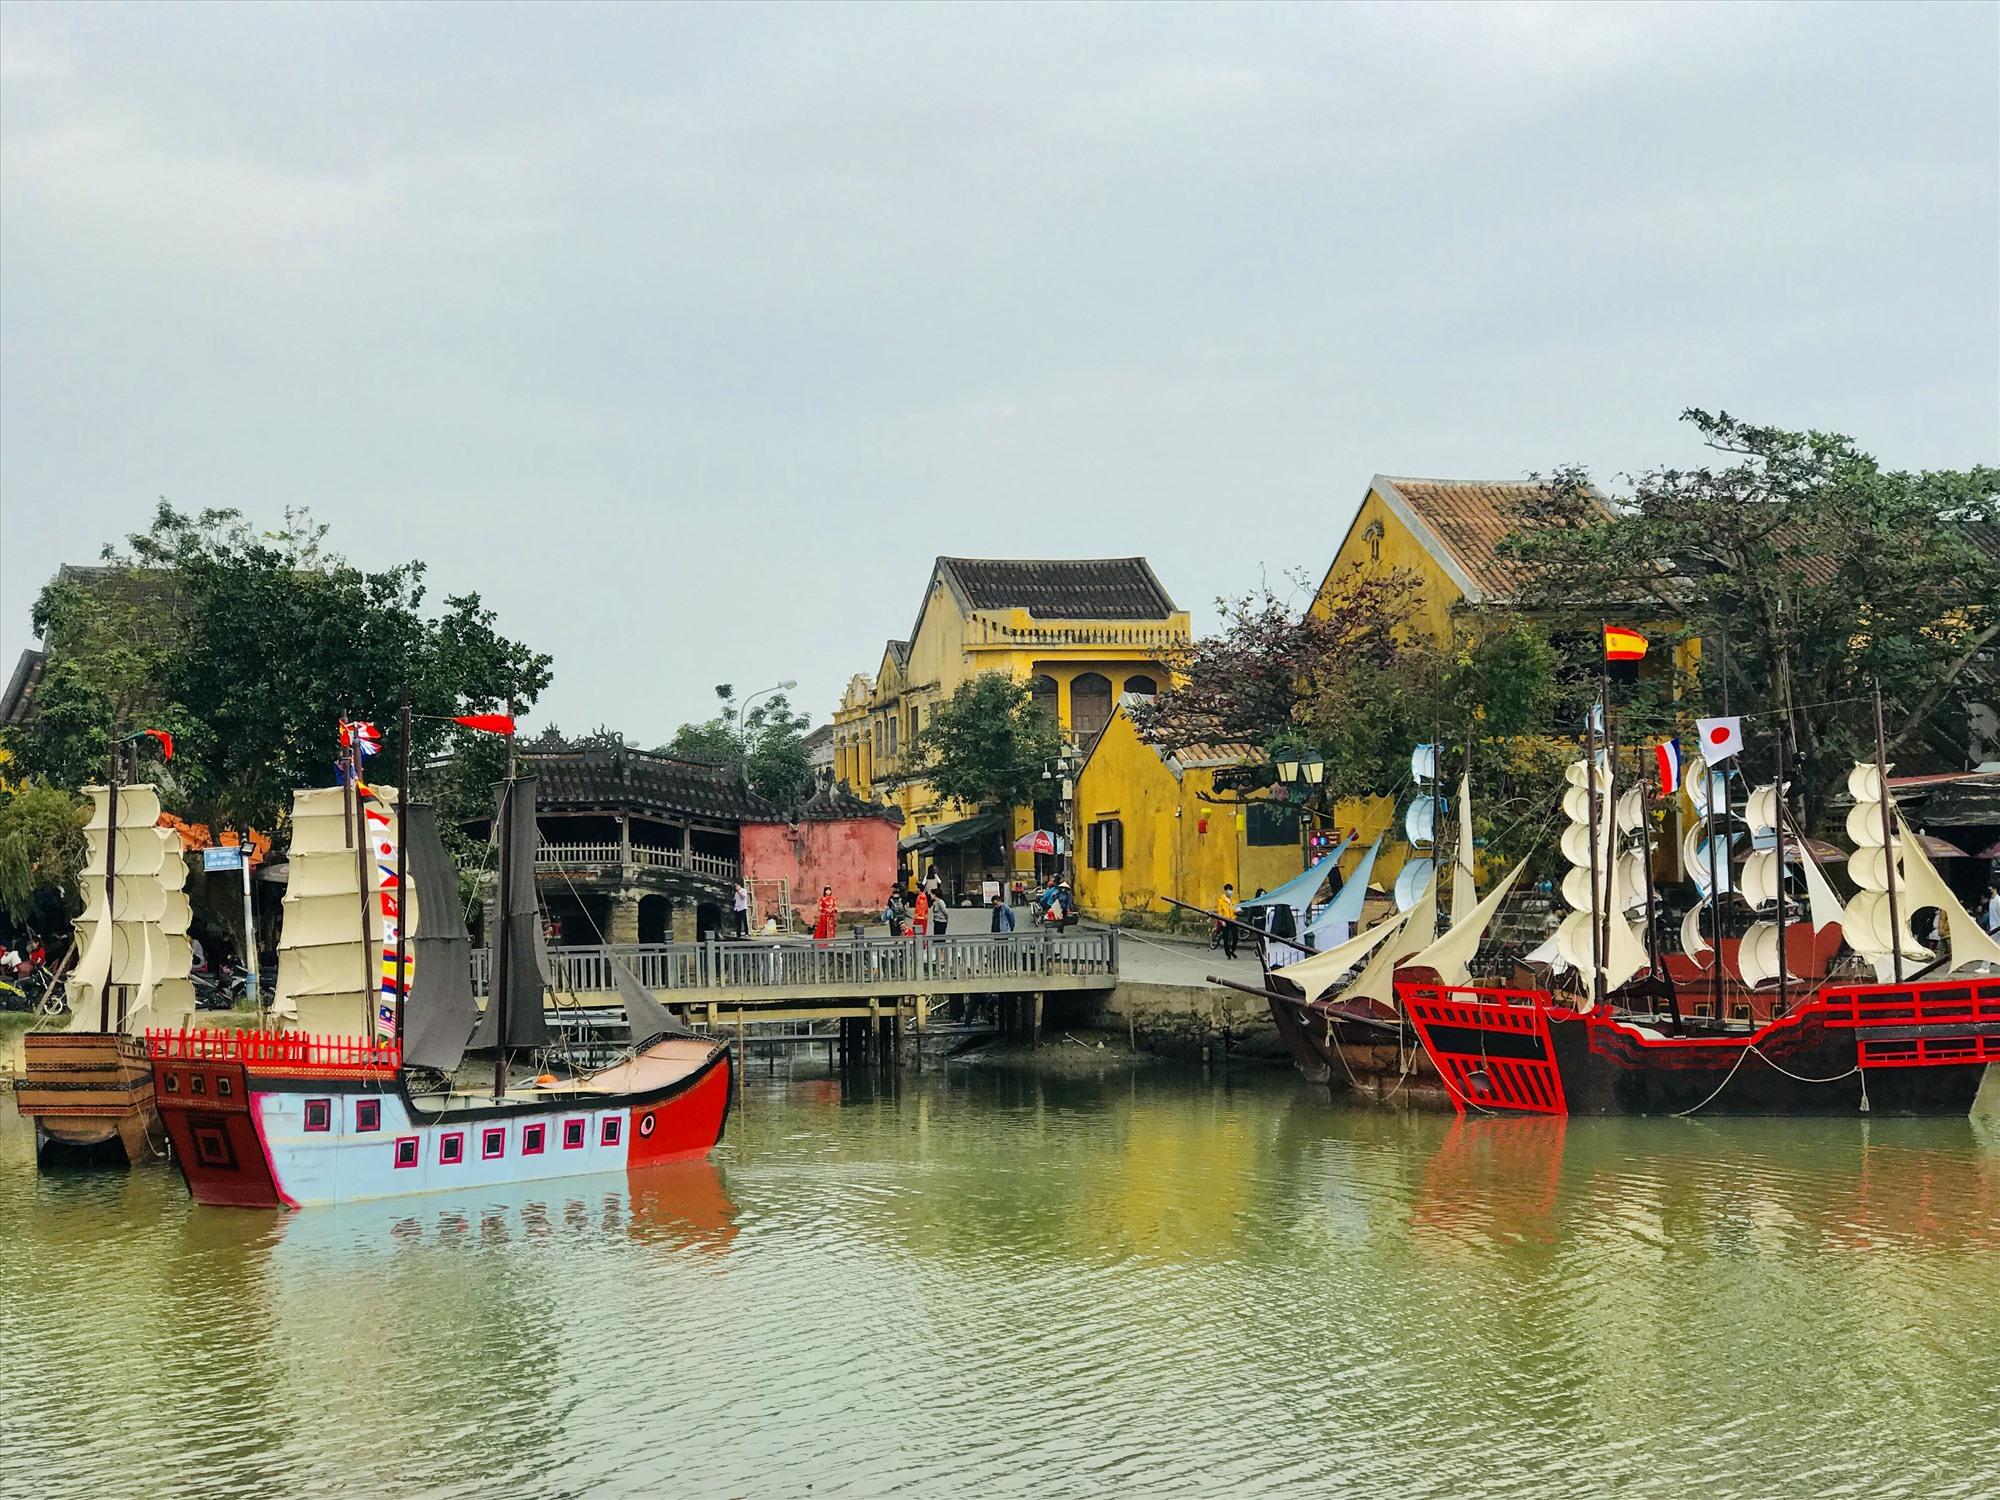 Cảng thị Hội An trong quá khứ từng là nơi giao thương nhộn nhịp với thuyền buôn quốc tế. Ảnh: Q.T